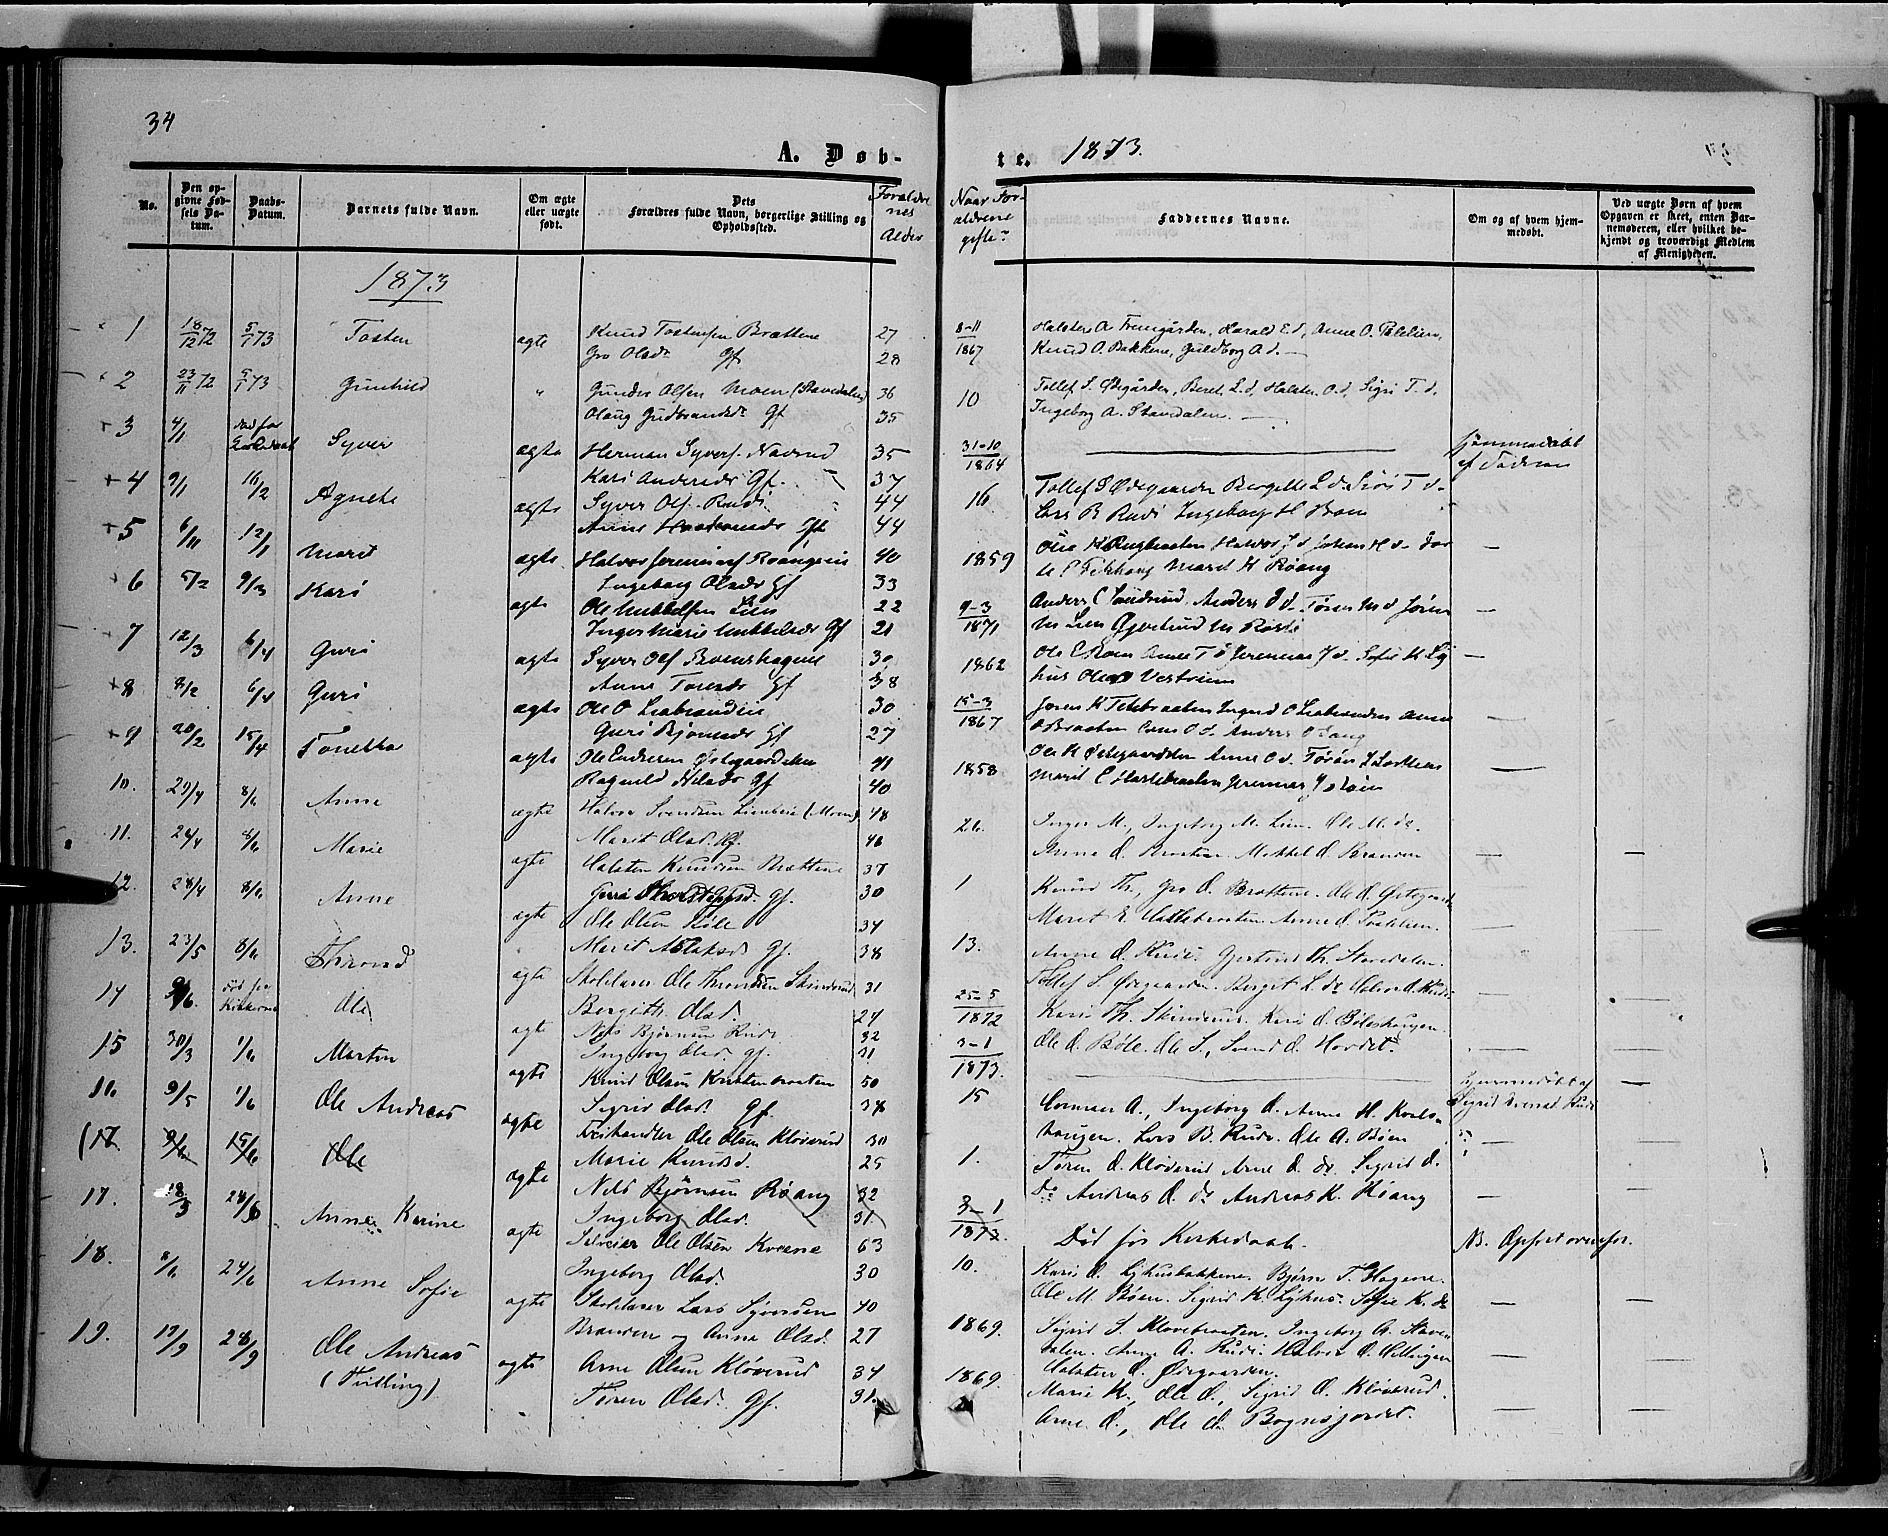 SAH, Sør-Aurdal prestekontor, Ministerialbok nr. 6, 1849-1876, s. 34